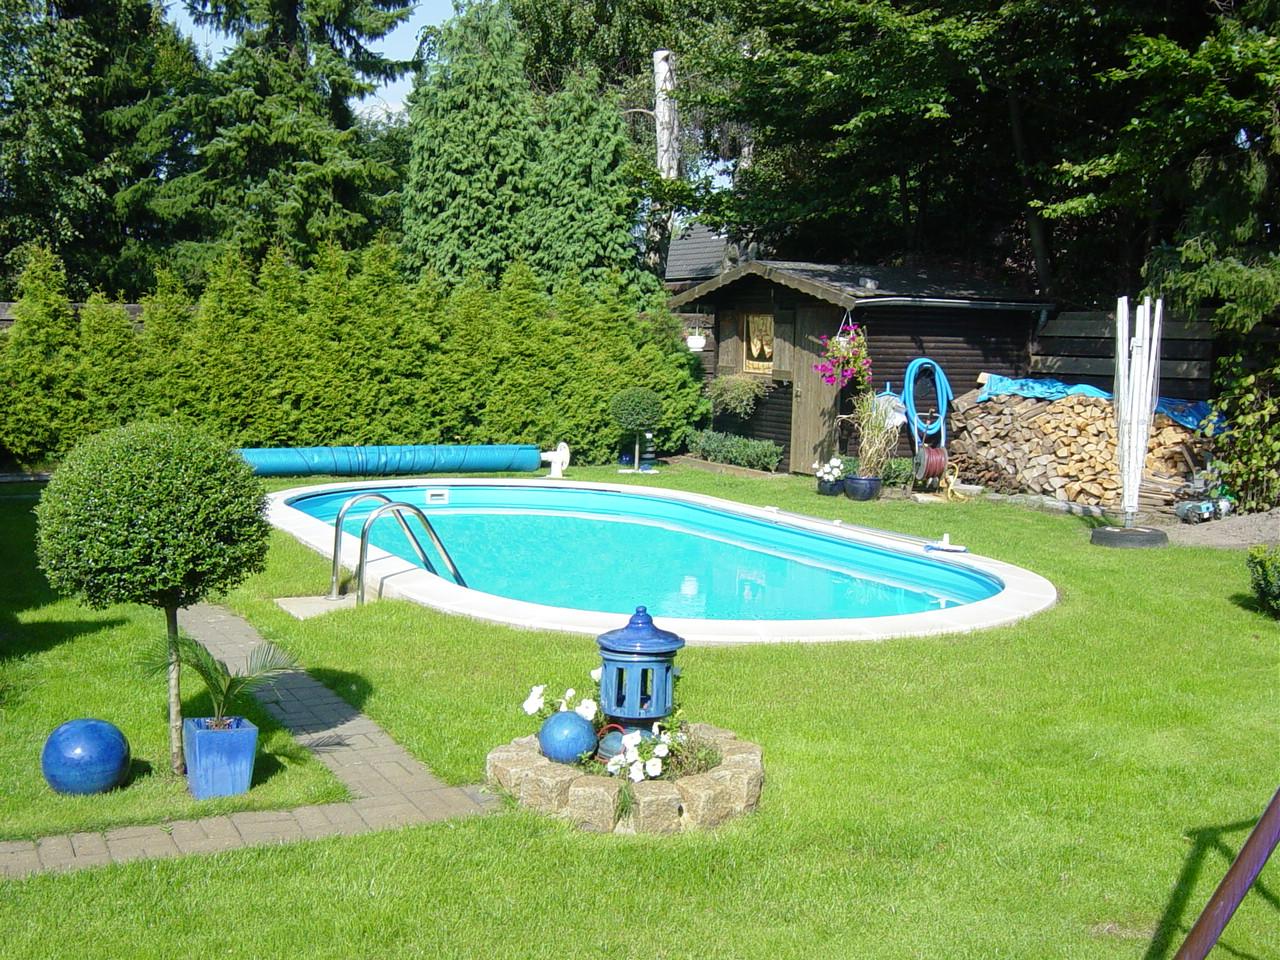 Tenere al caldo in casa coperture per piscine interrate for Vendita piscine interrate prezzi